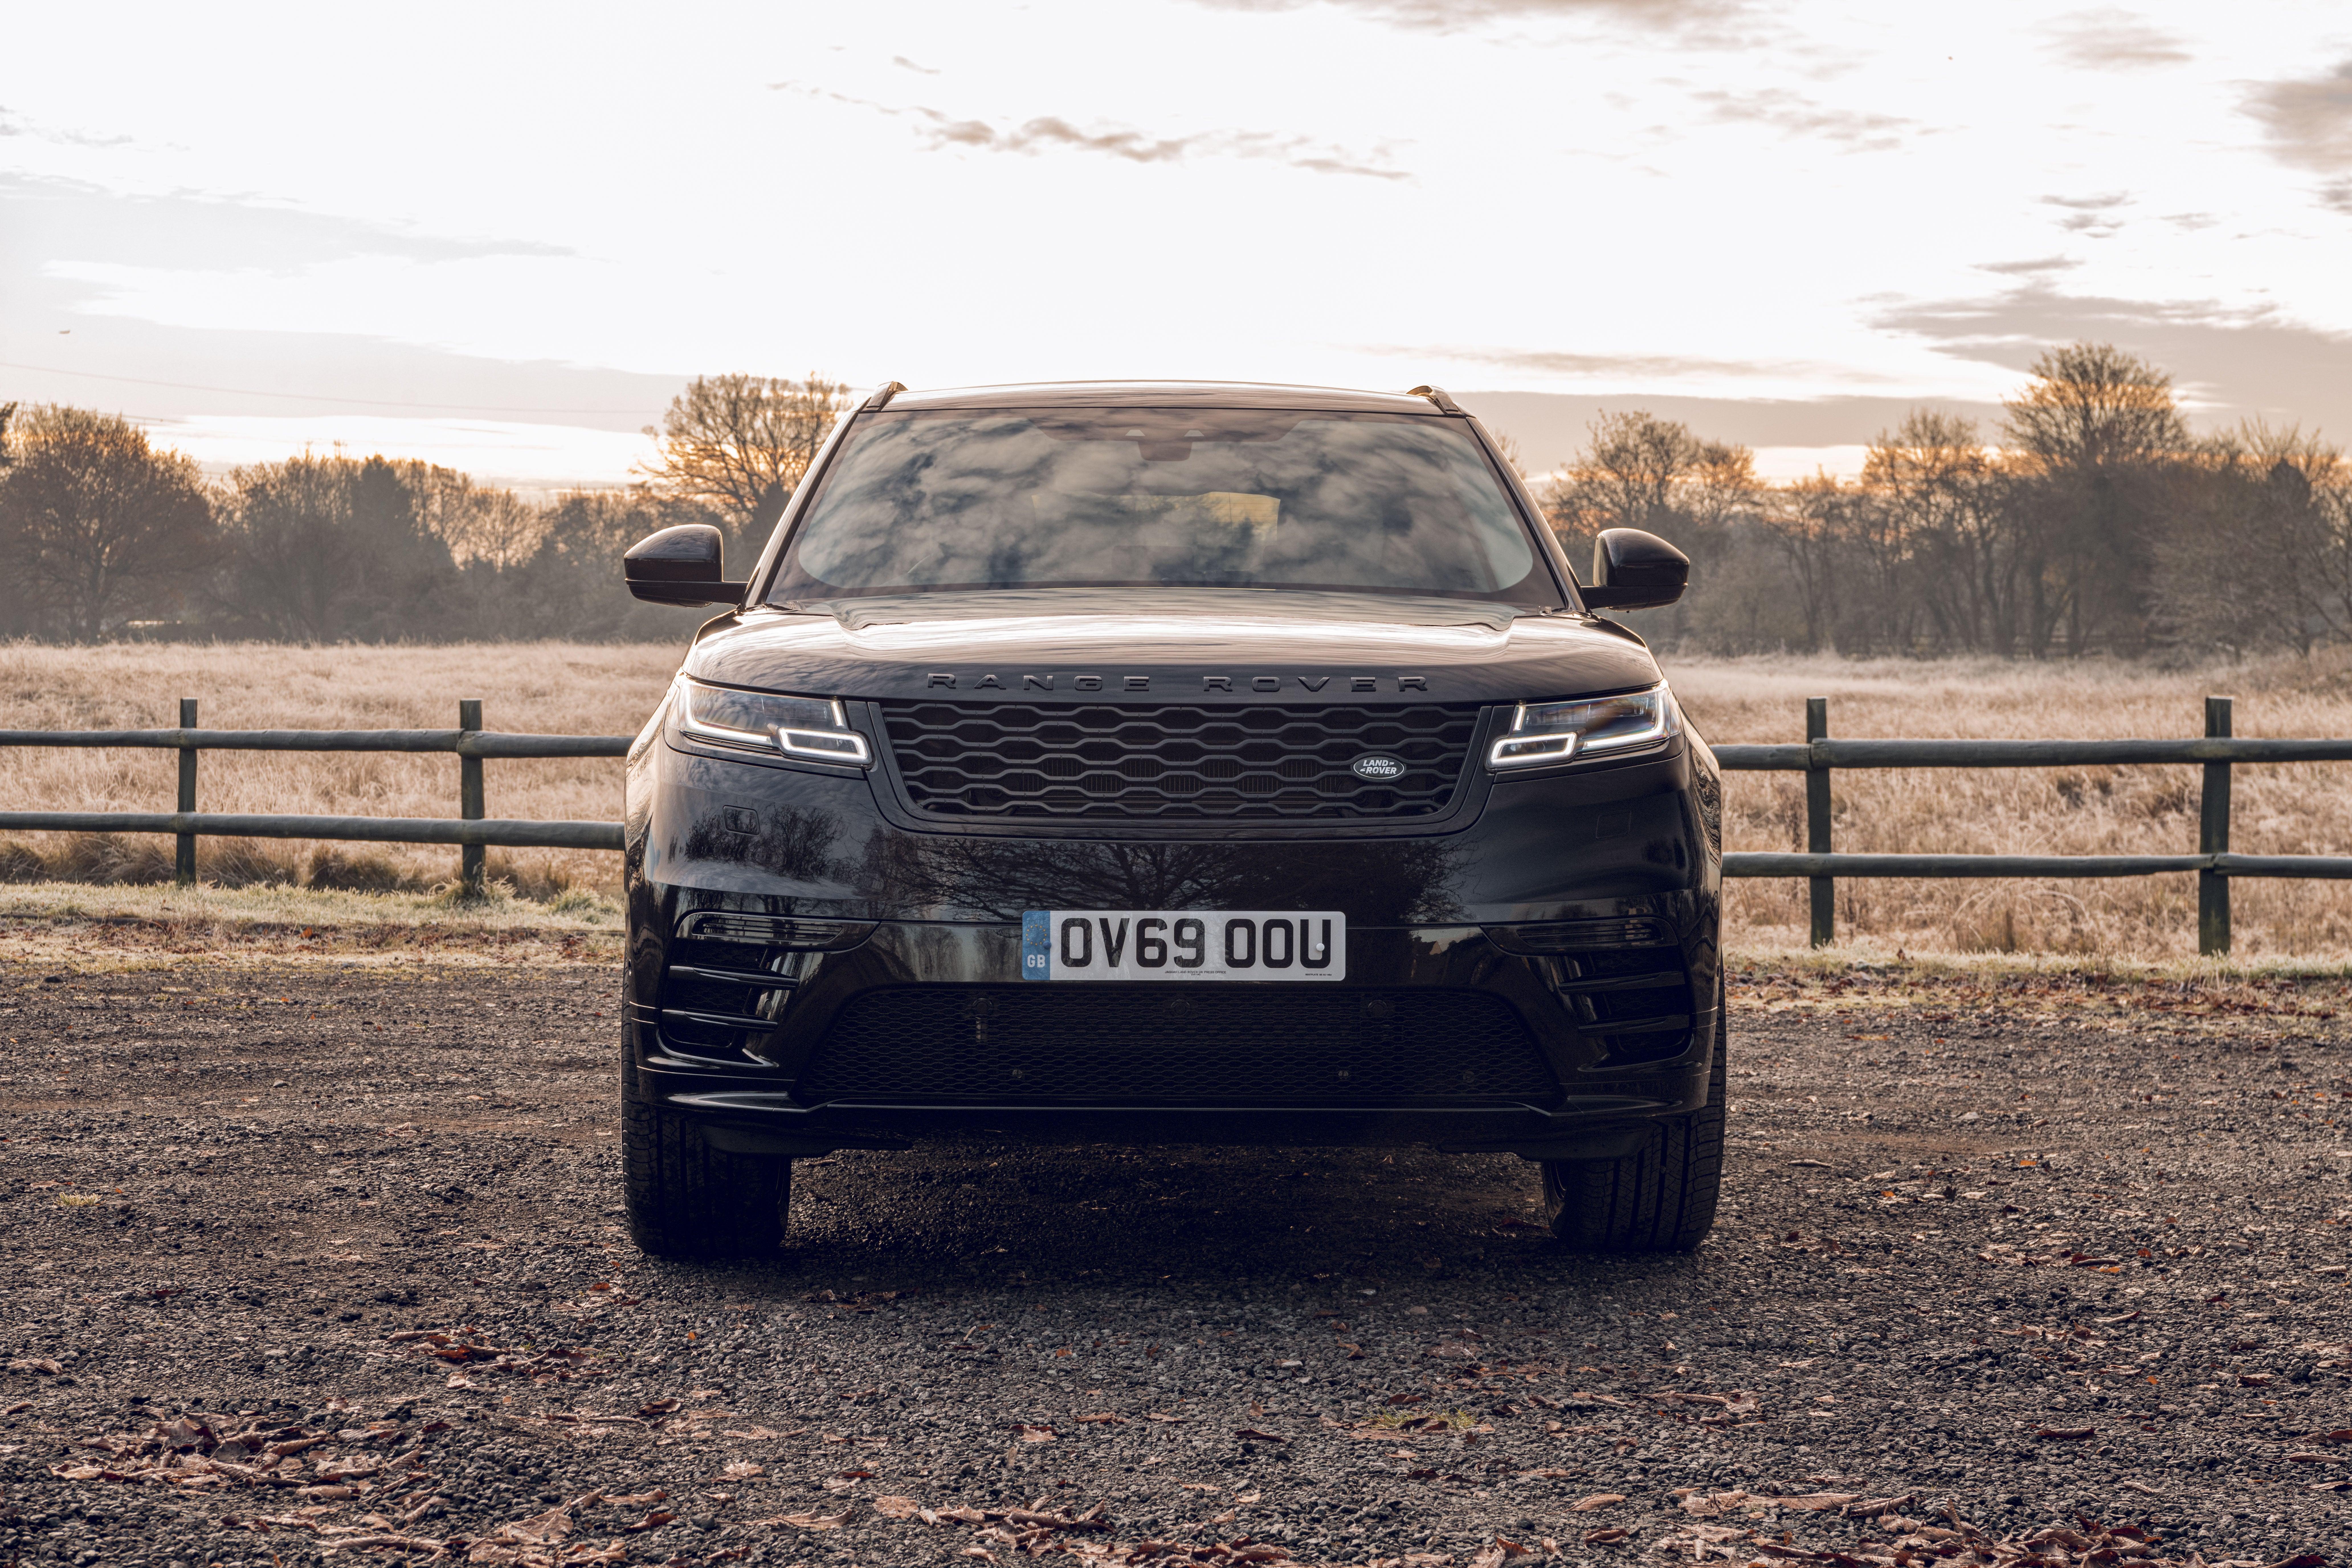 Range Rover Velar front exterior